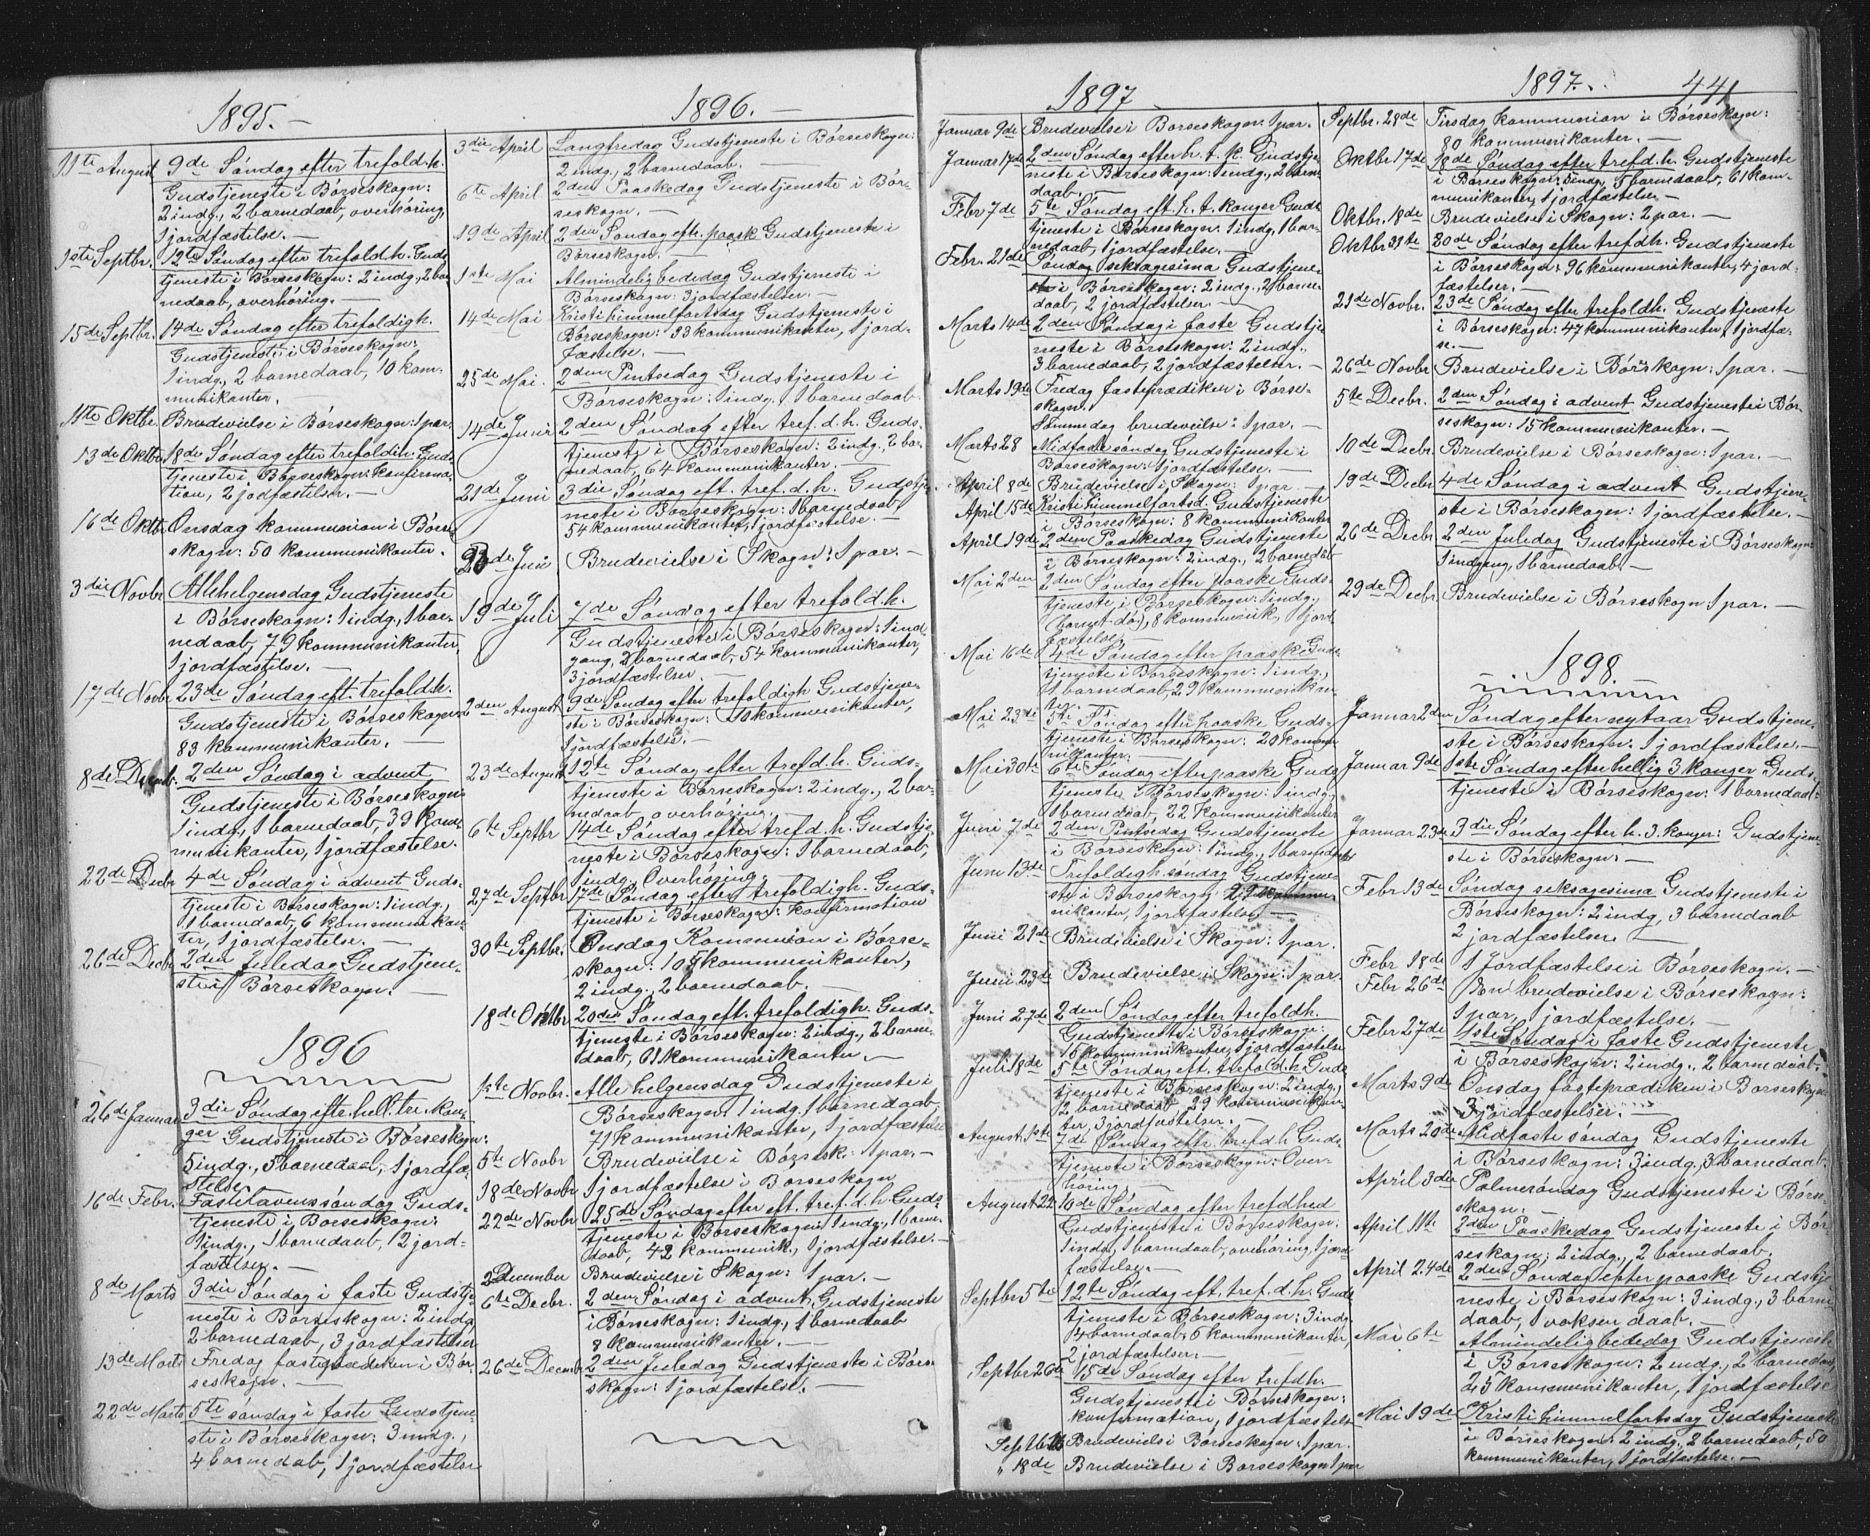 SAT, Ministerialprotokoller, klokkerbøker og fødselsregistre - Sør-Trøndelag, 667/L0798: Klokkerbok nr. 667C03, 1867-1929, s. 441